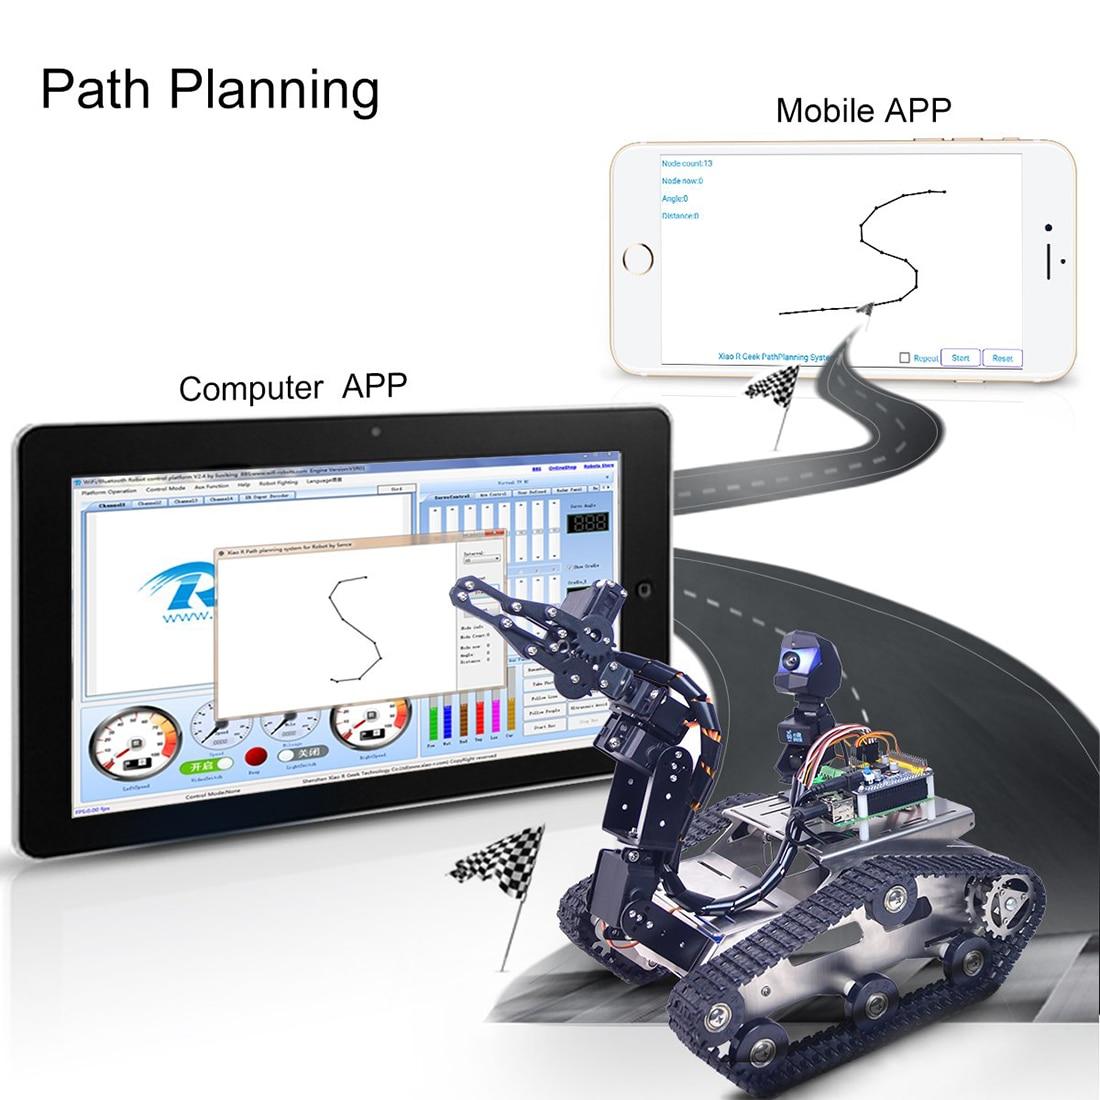 Kit de voiture Robot réservoir FPV WiFi Bluetooth Programmable avec bras pour framboise Pi 3B +-Version Standard grande griffe